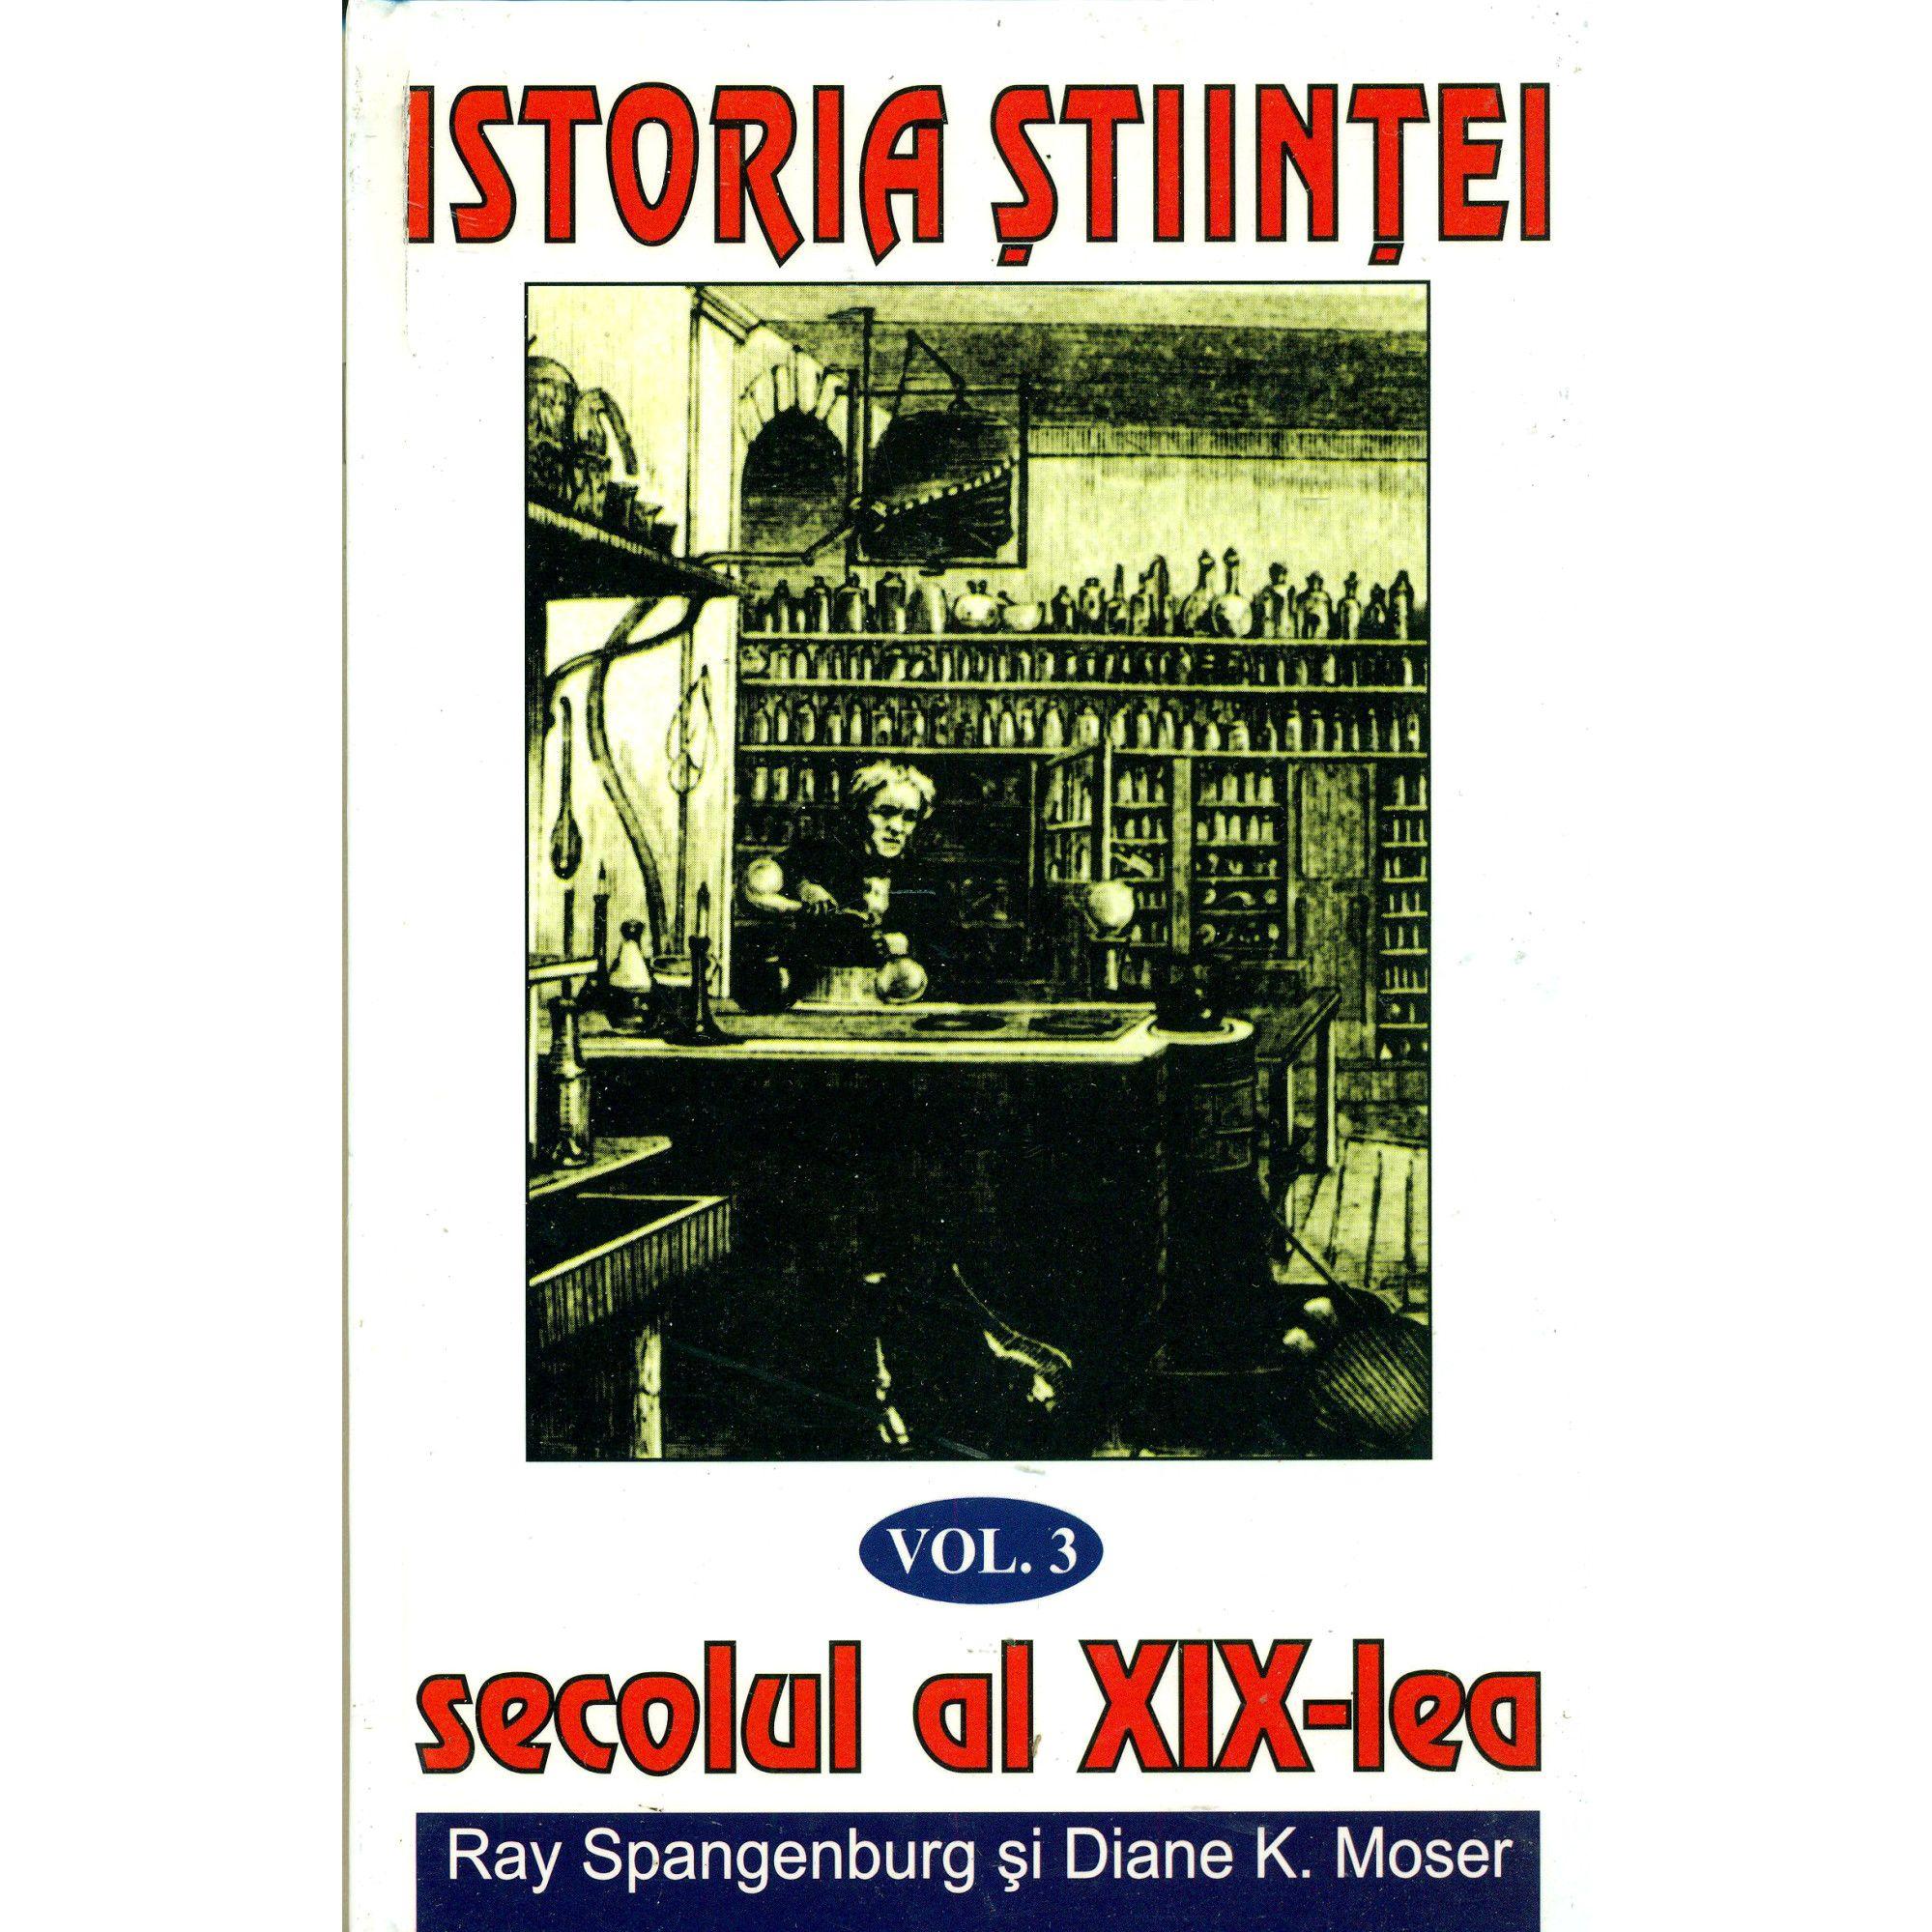 Istoria stiintei vol. 3|Secolul al XIX-lea